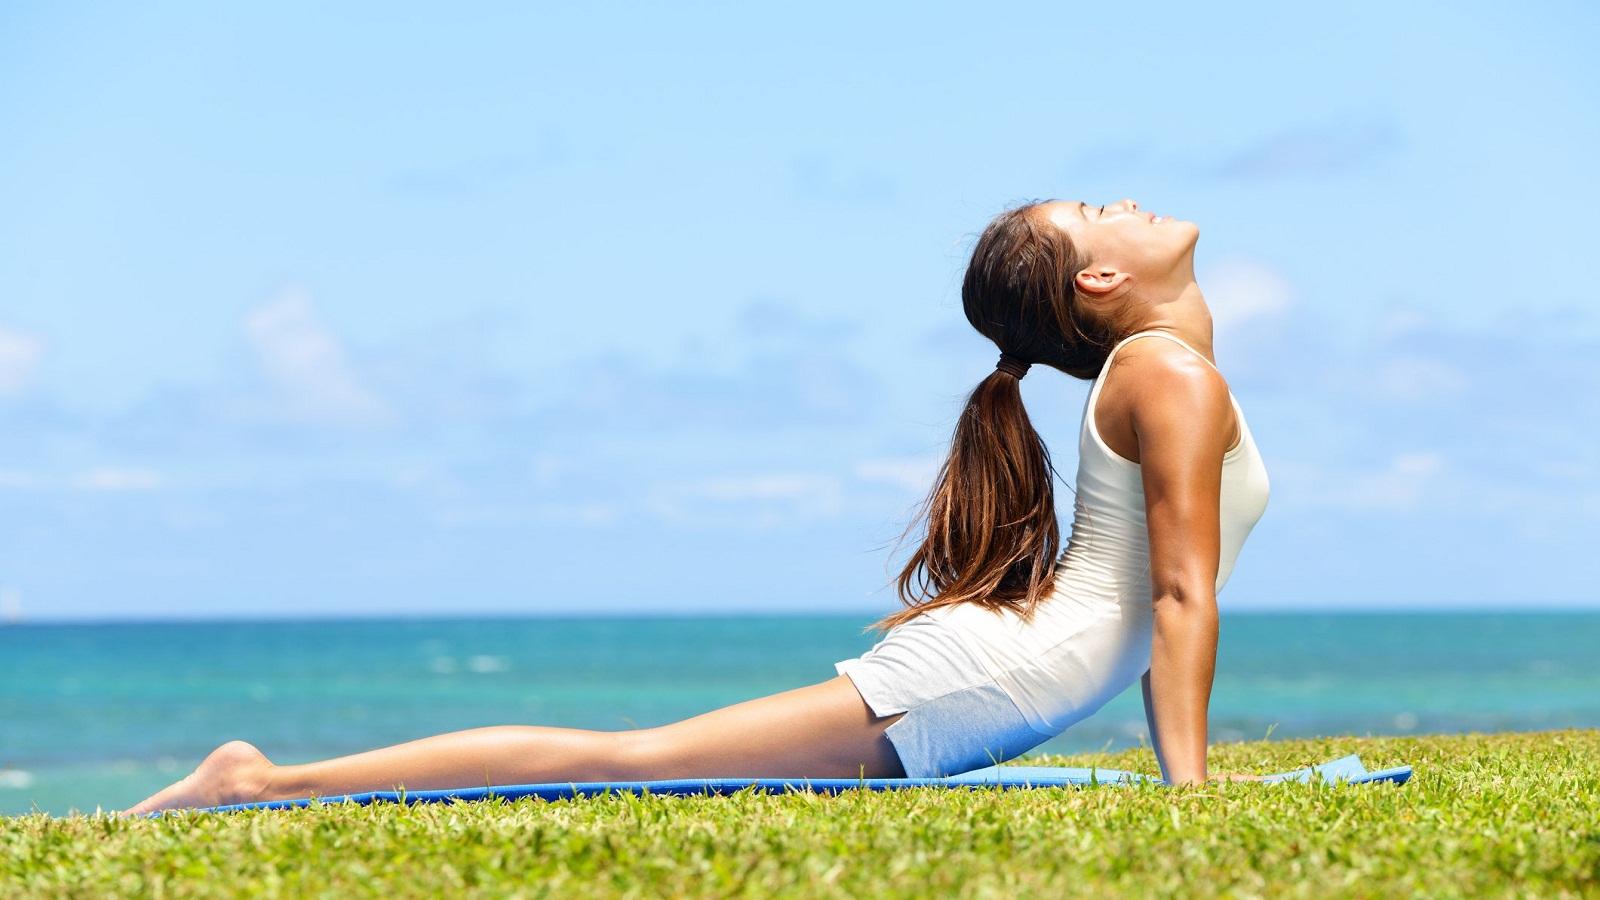 Virgo tu horóscopo mensual: Equilibra tu mente, cuerpo y alma